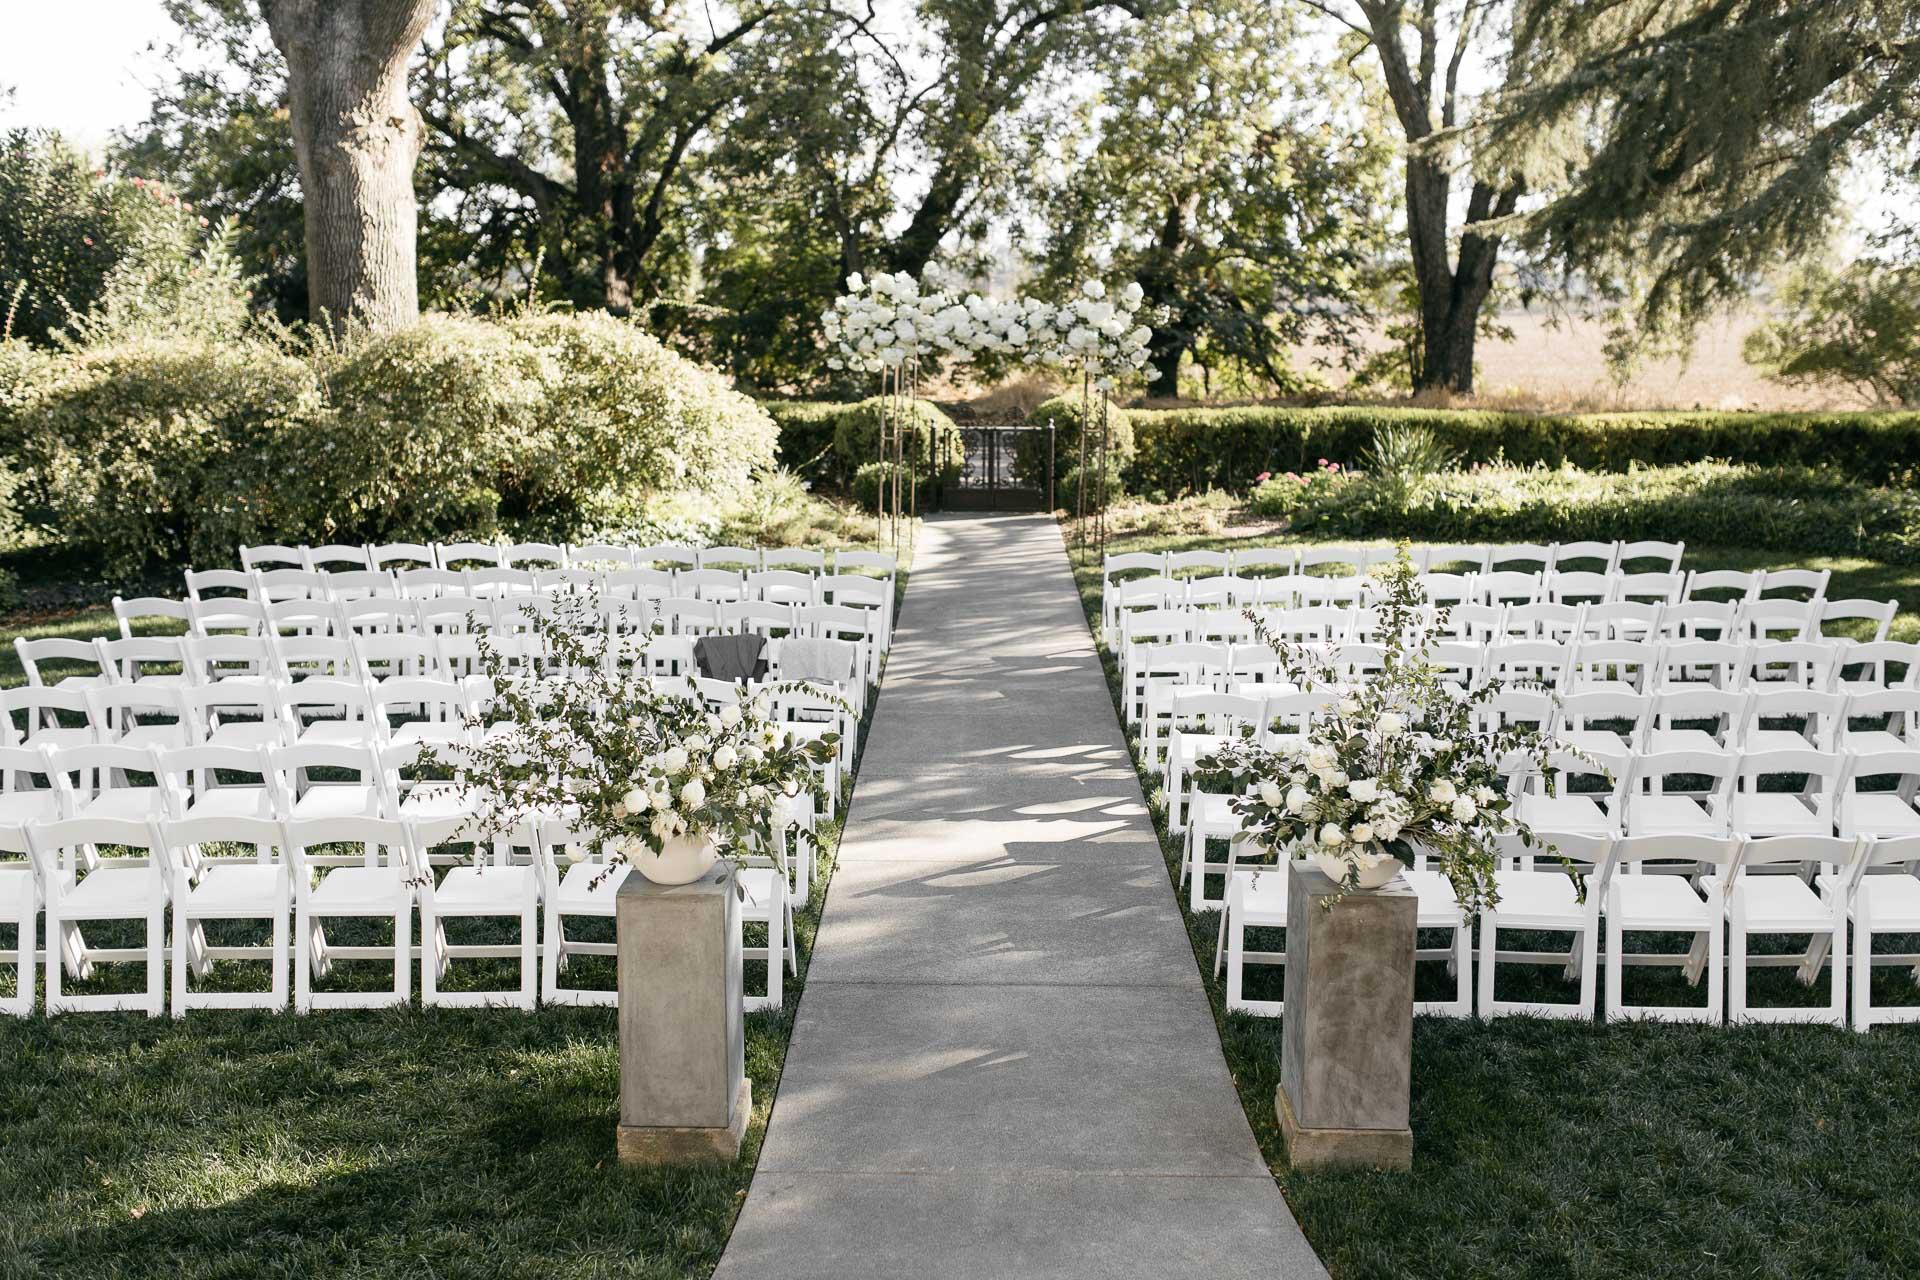 lauren_graham_wedding_california_park_winters_jeanlaurentgaudy_042